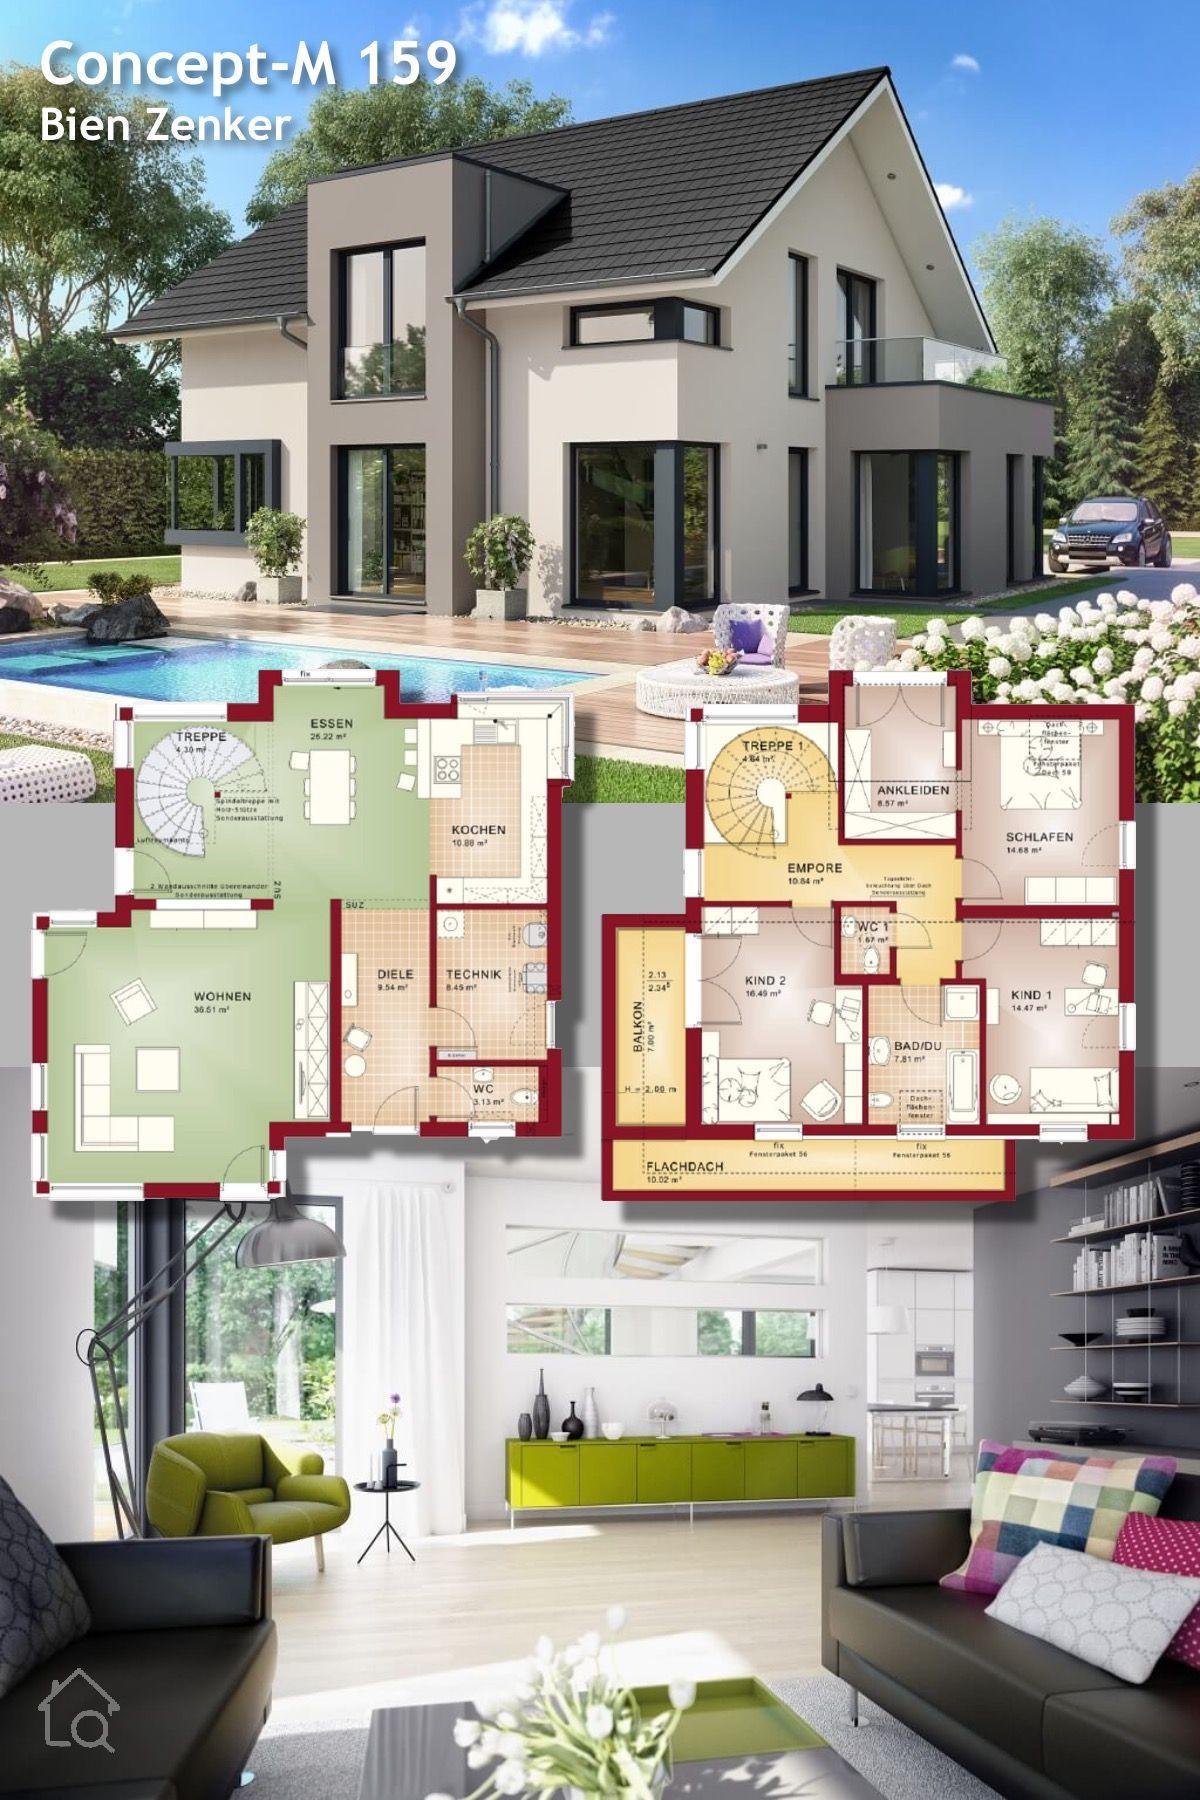 Modernes Einfamilienhaus Mit Satteldach Und Erker   Fertighaus Concept M  159 Bien Zenker   Haus